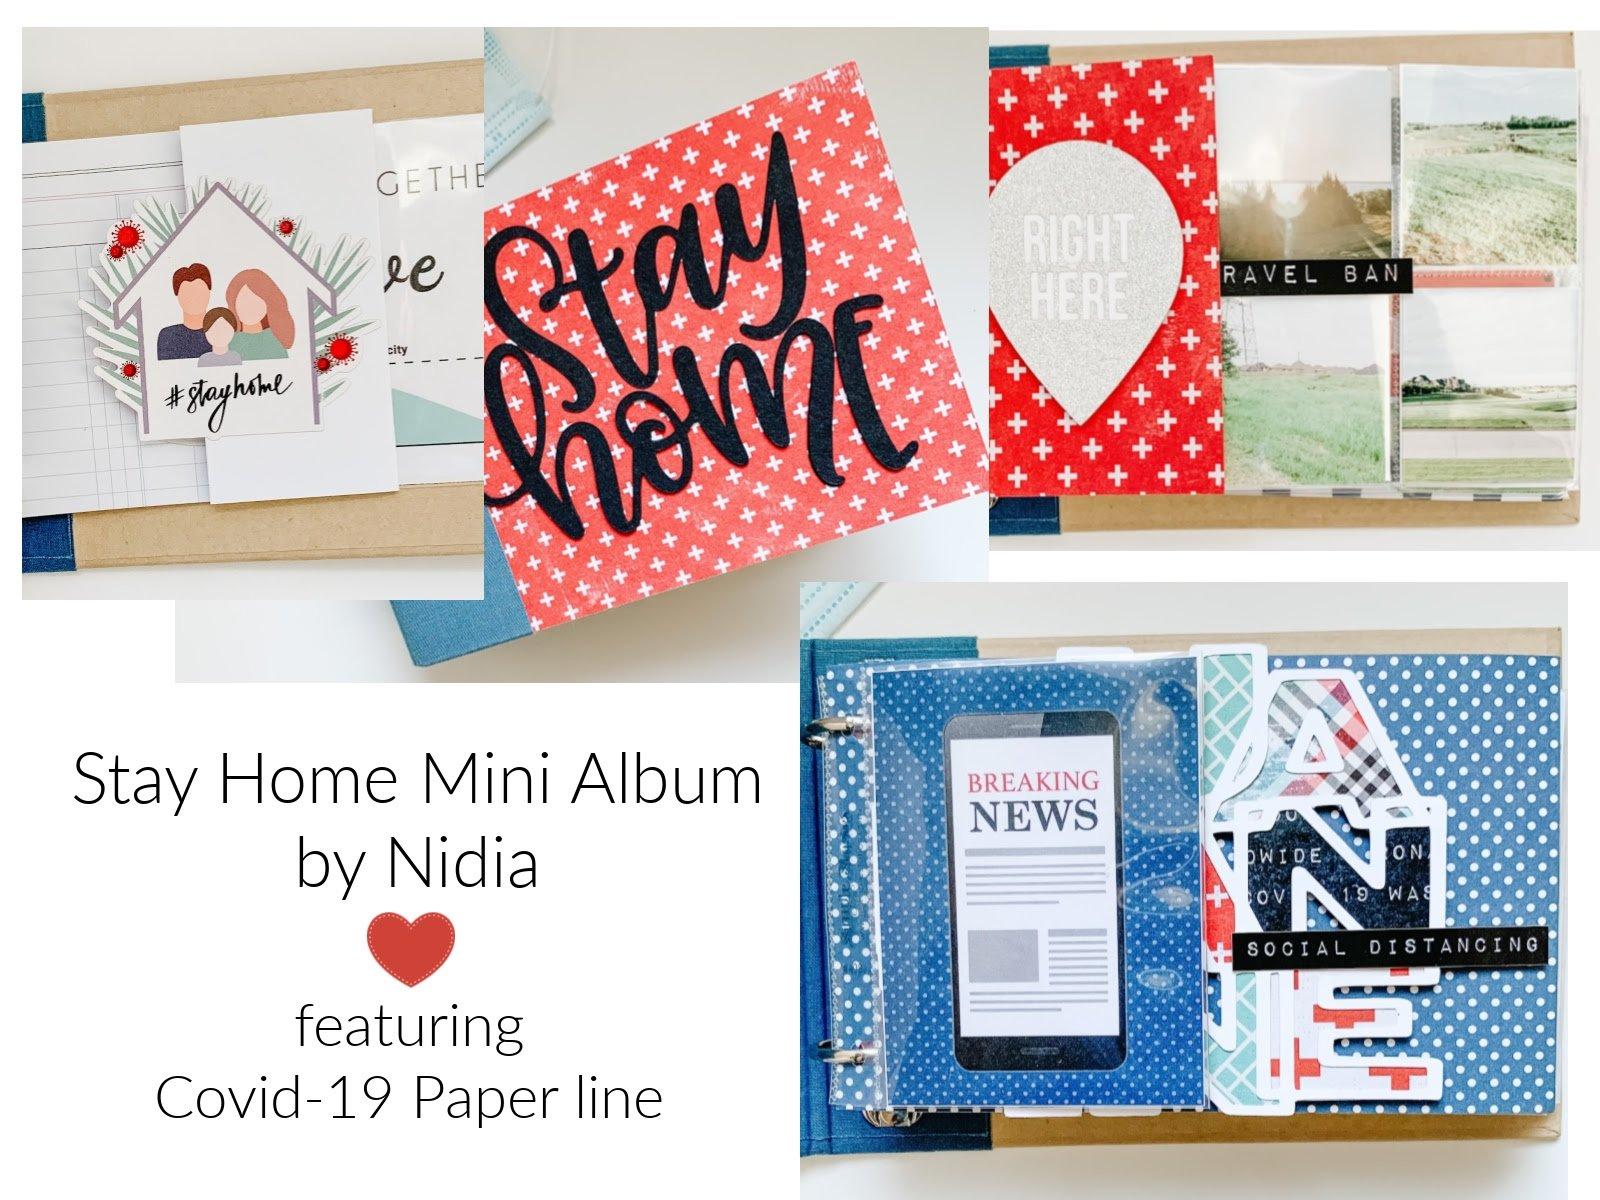 Stay at Home Mini Album